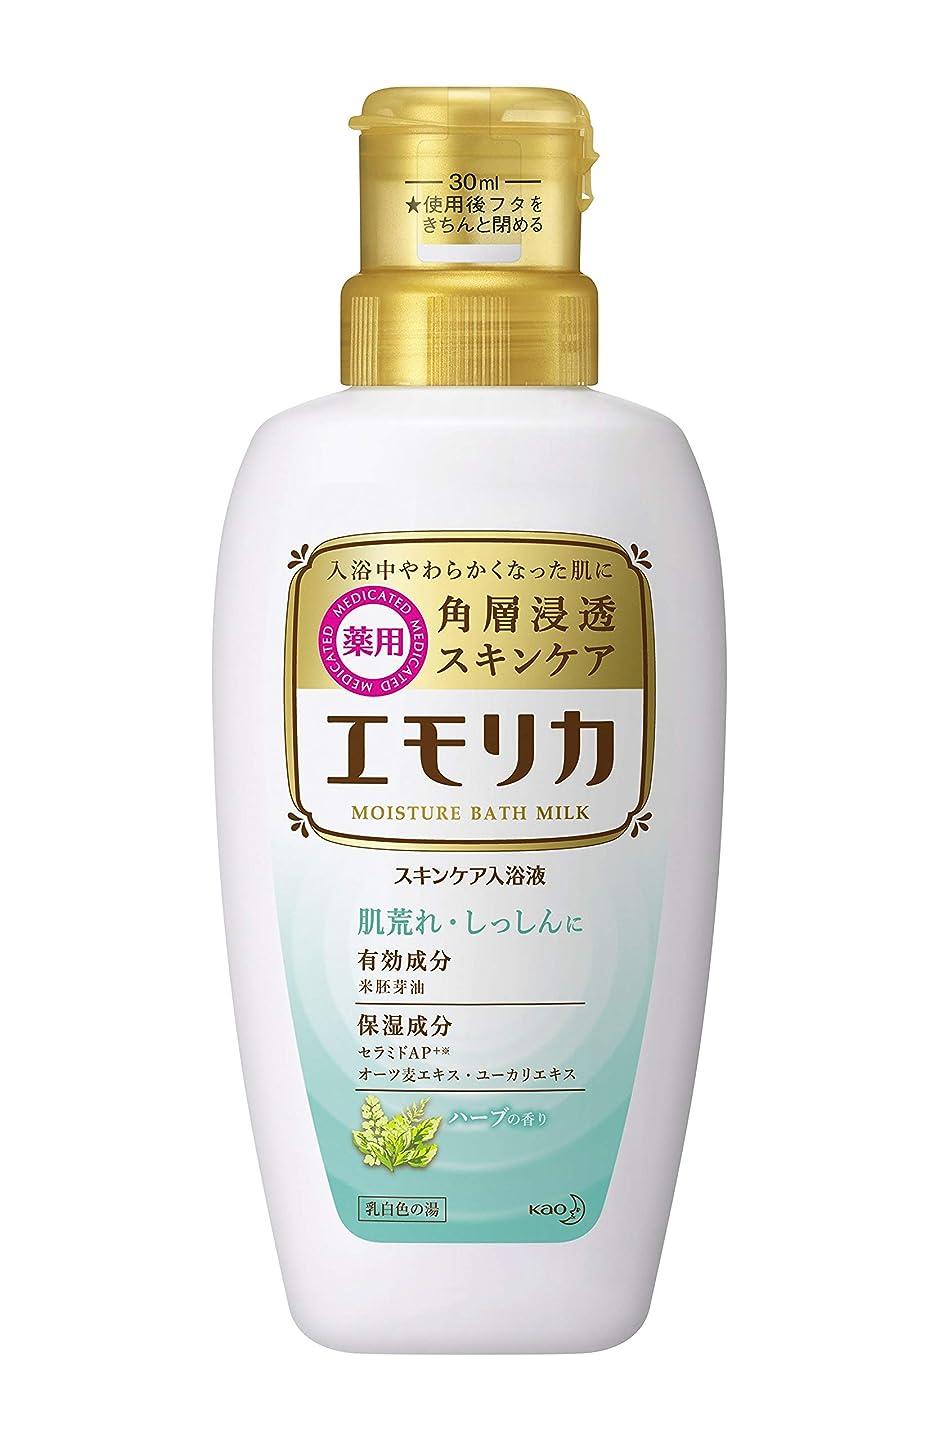 フレッシュ合理化敏感なエモリカ 薬用スキンケア入浴液 ハーブの香り 本体 450ml 液体 入浴剤 (赤ちゃんにも使えます)